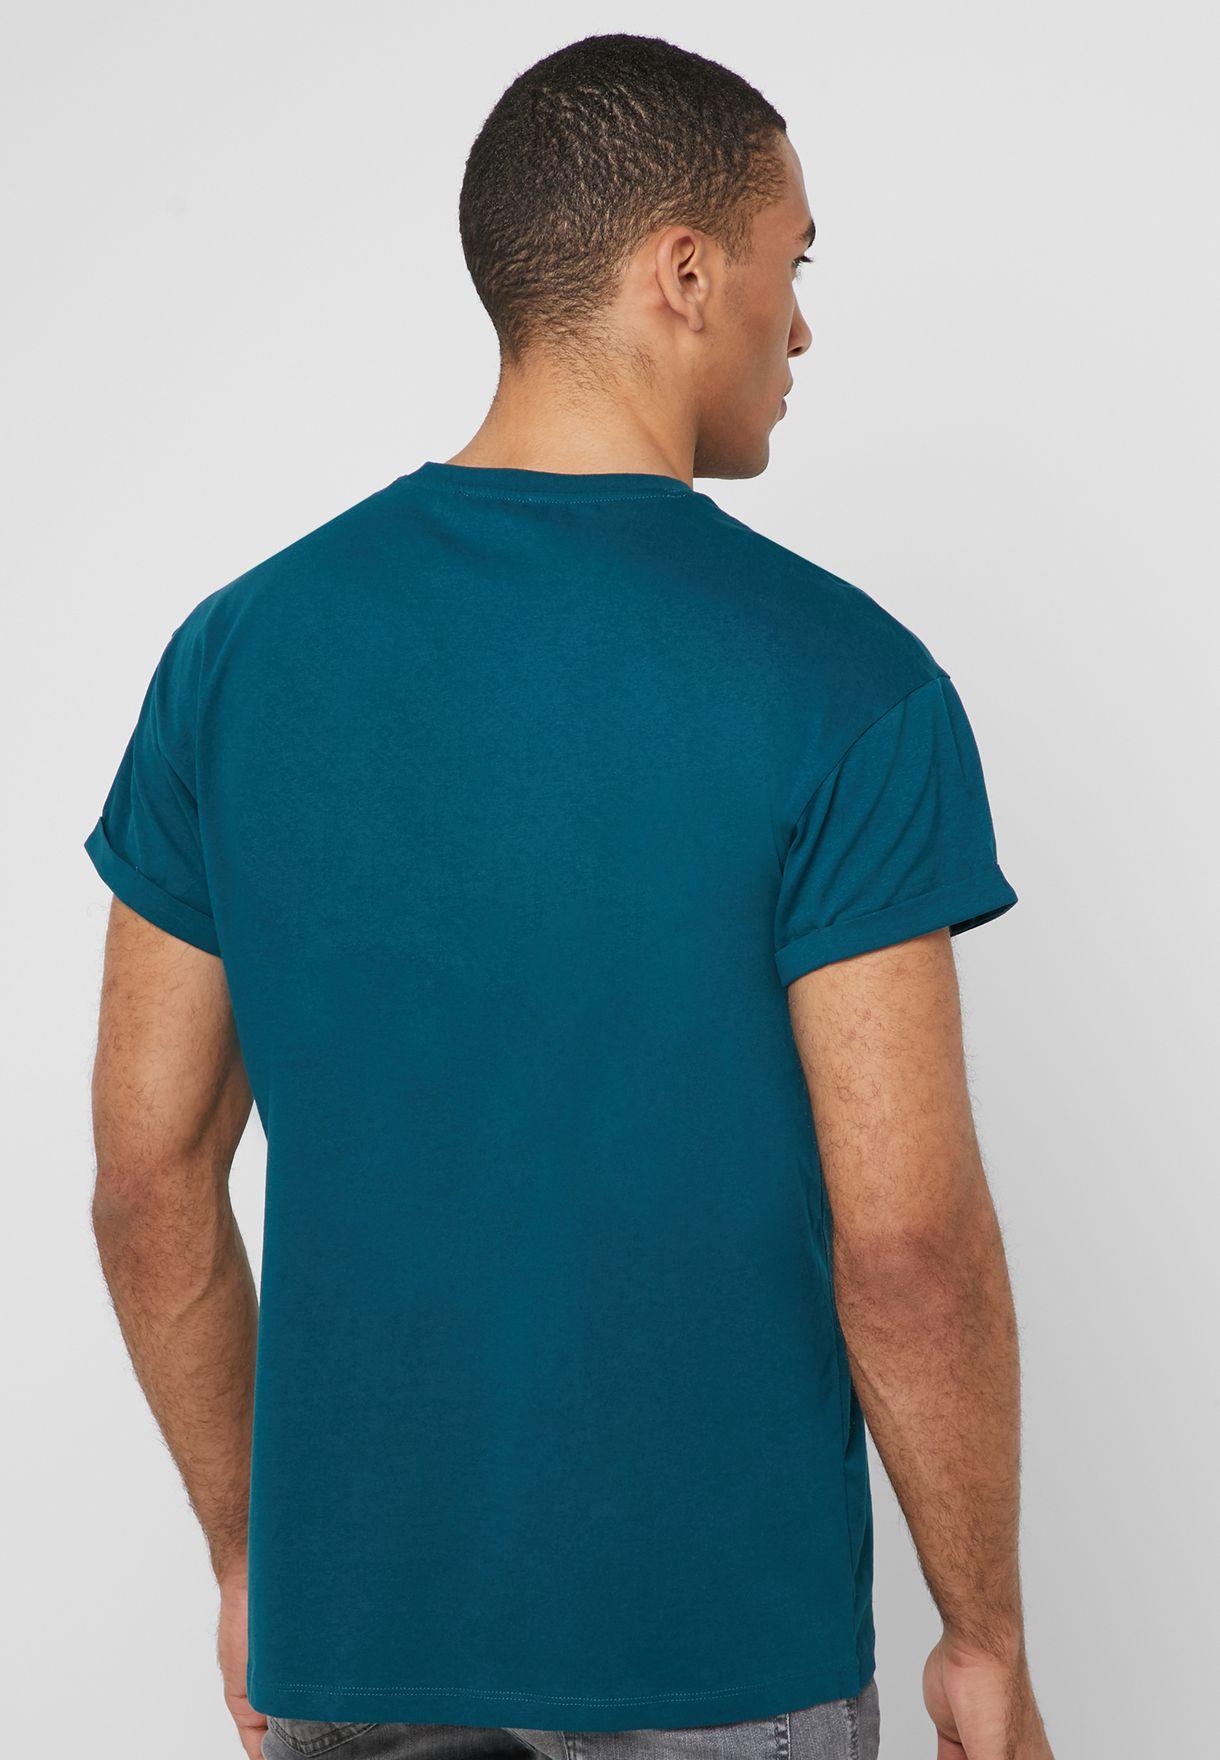 Cali La Embroidery Crew Neck T-Shirt